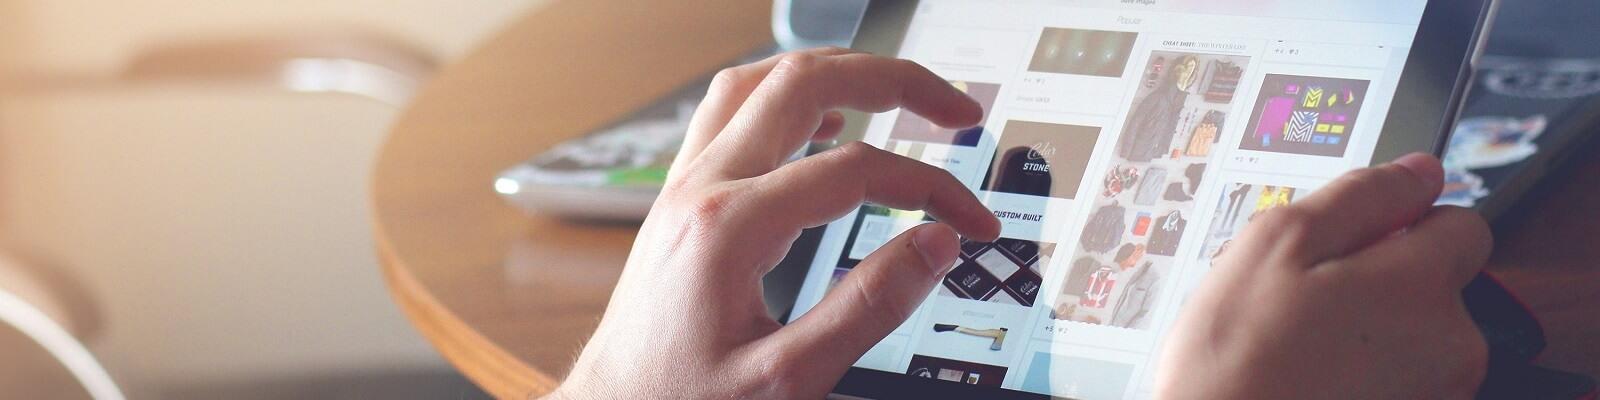 """Futuro do e-commerce: conheça as tendências do setor<span class=""""wtr-time-wrap after-title""""><span class=""""wtr-time-number"""">4</span> minutos de leitura</span>"""